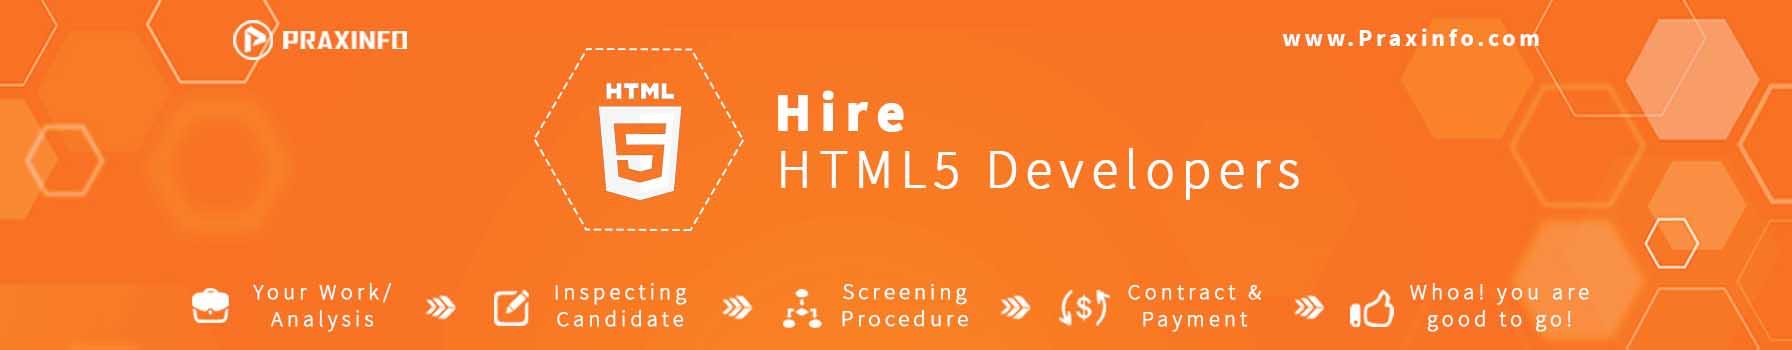 hire-html5-developer.jpg